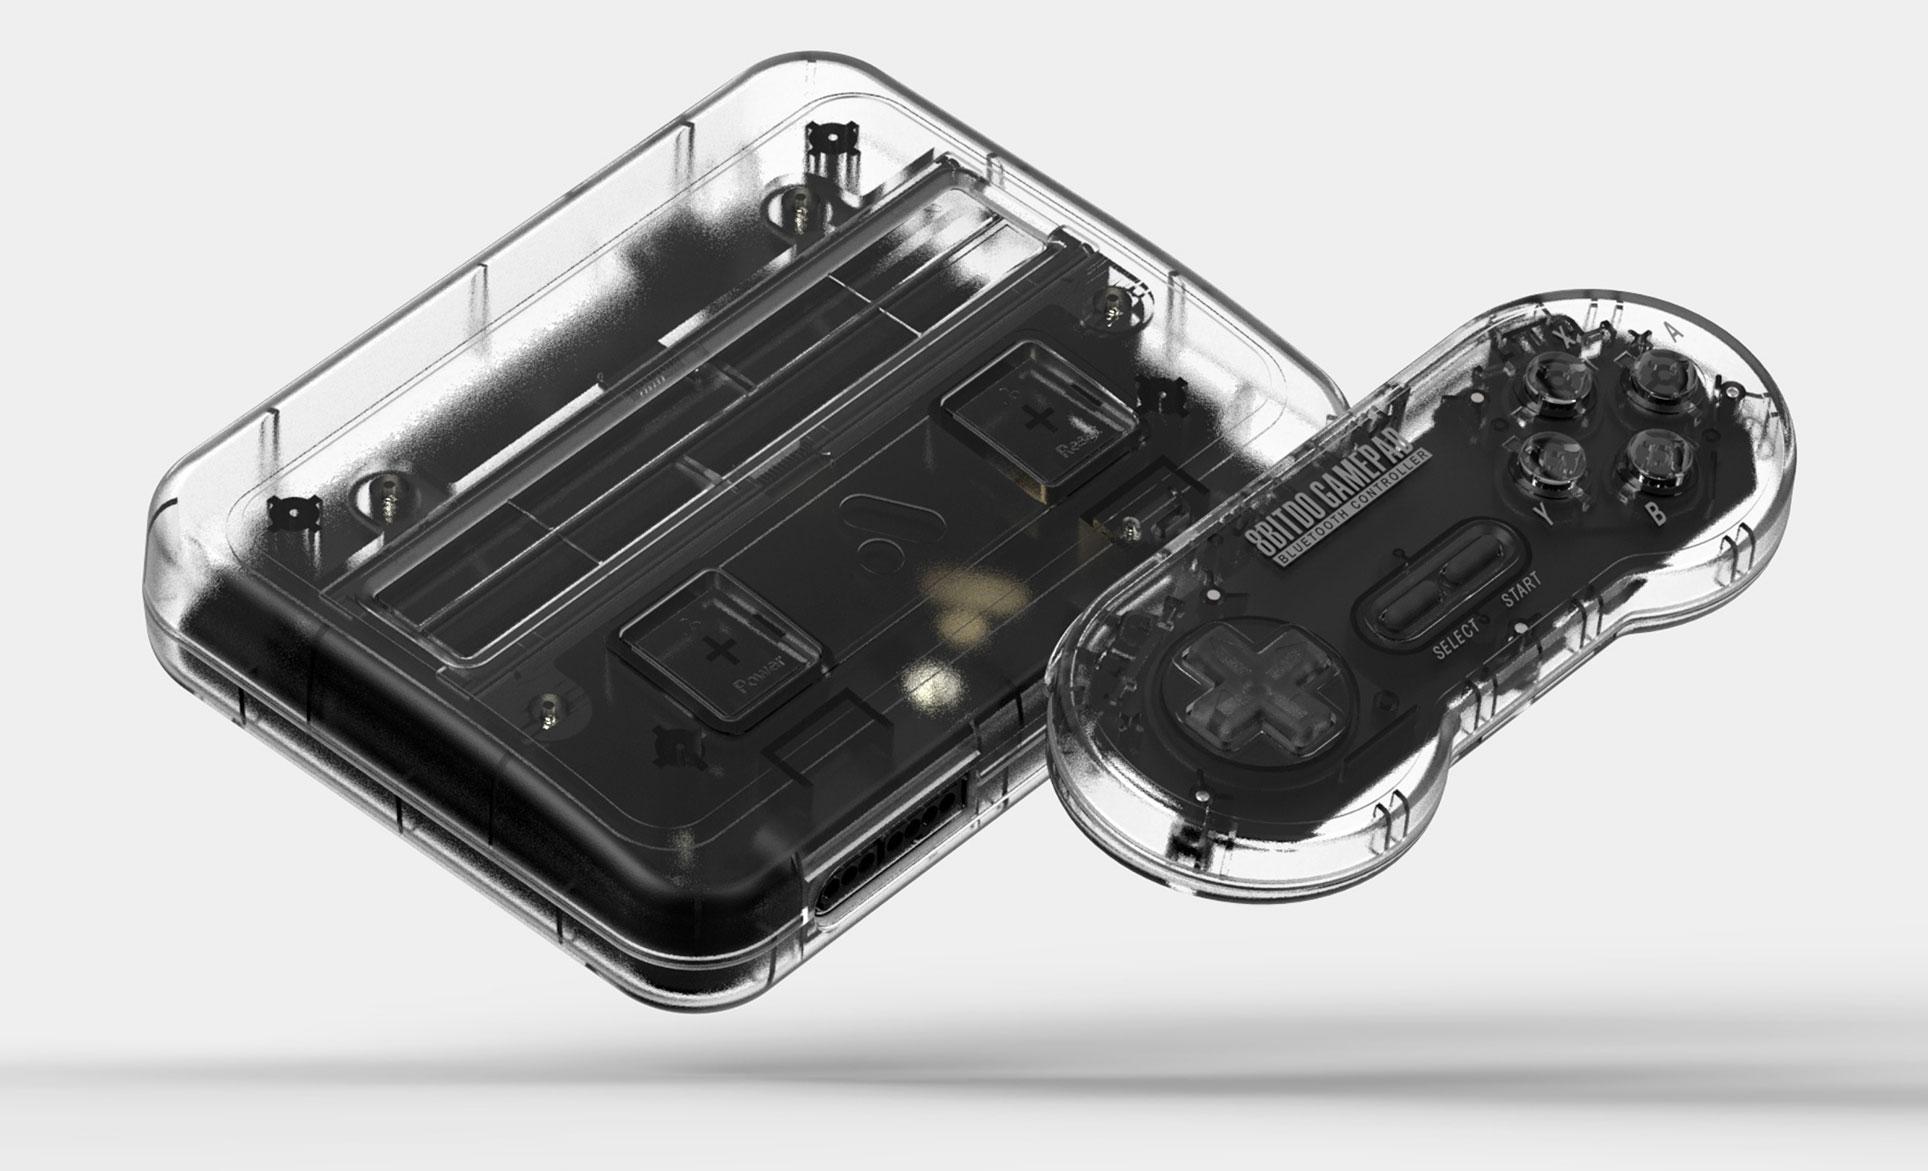 Eine Version ist dem europäischen SNES nachempfunden, eine andere ähnelt dem US-SNES, eine weitere kommt in schlichtem Schwarz. Besonders stilvoll: die transparente Fassung.